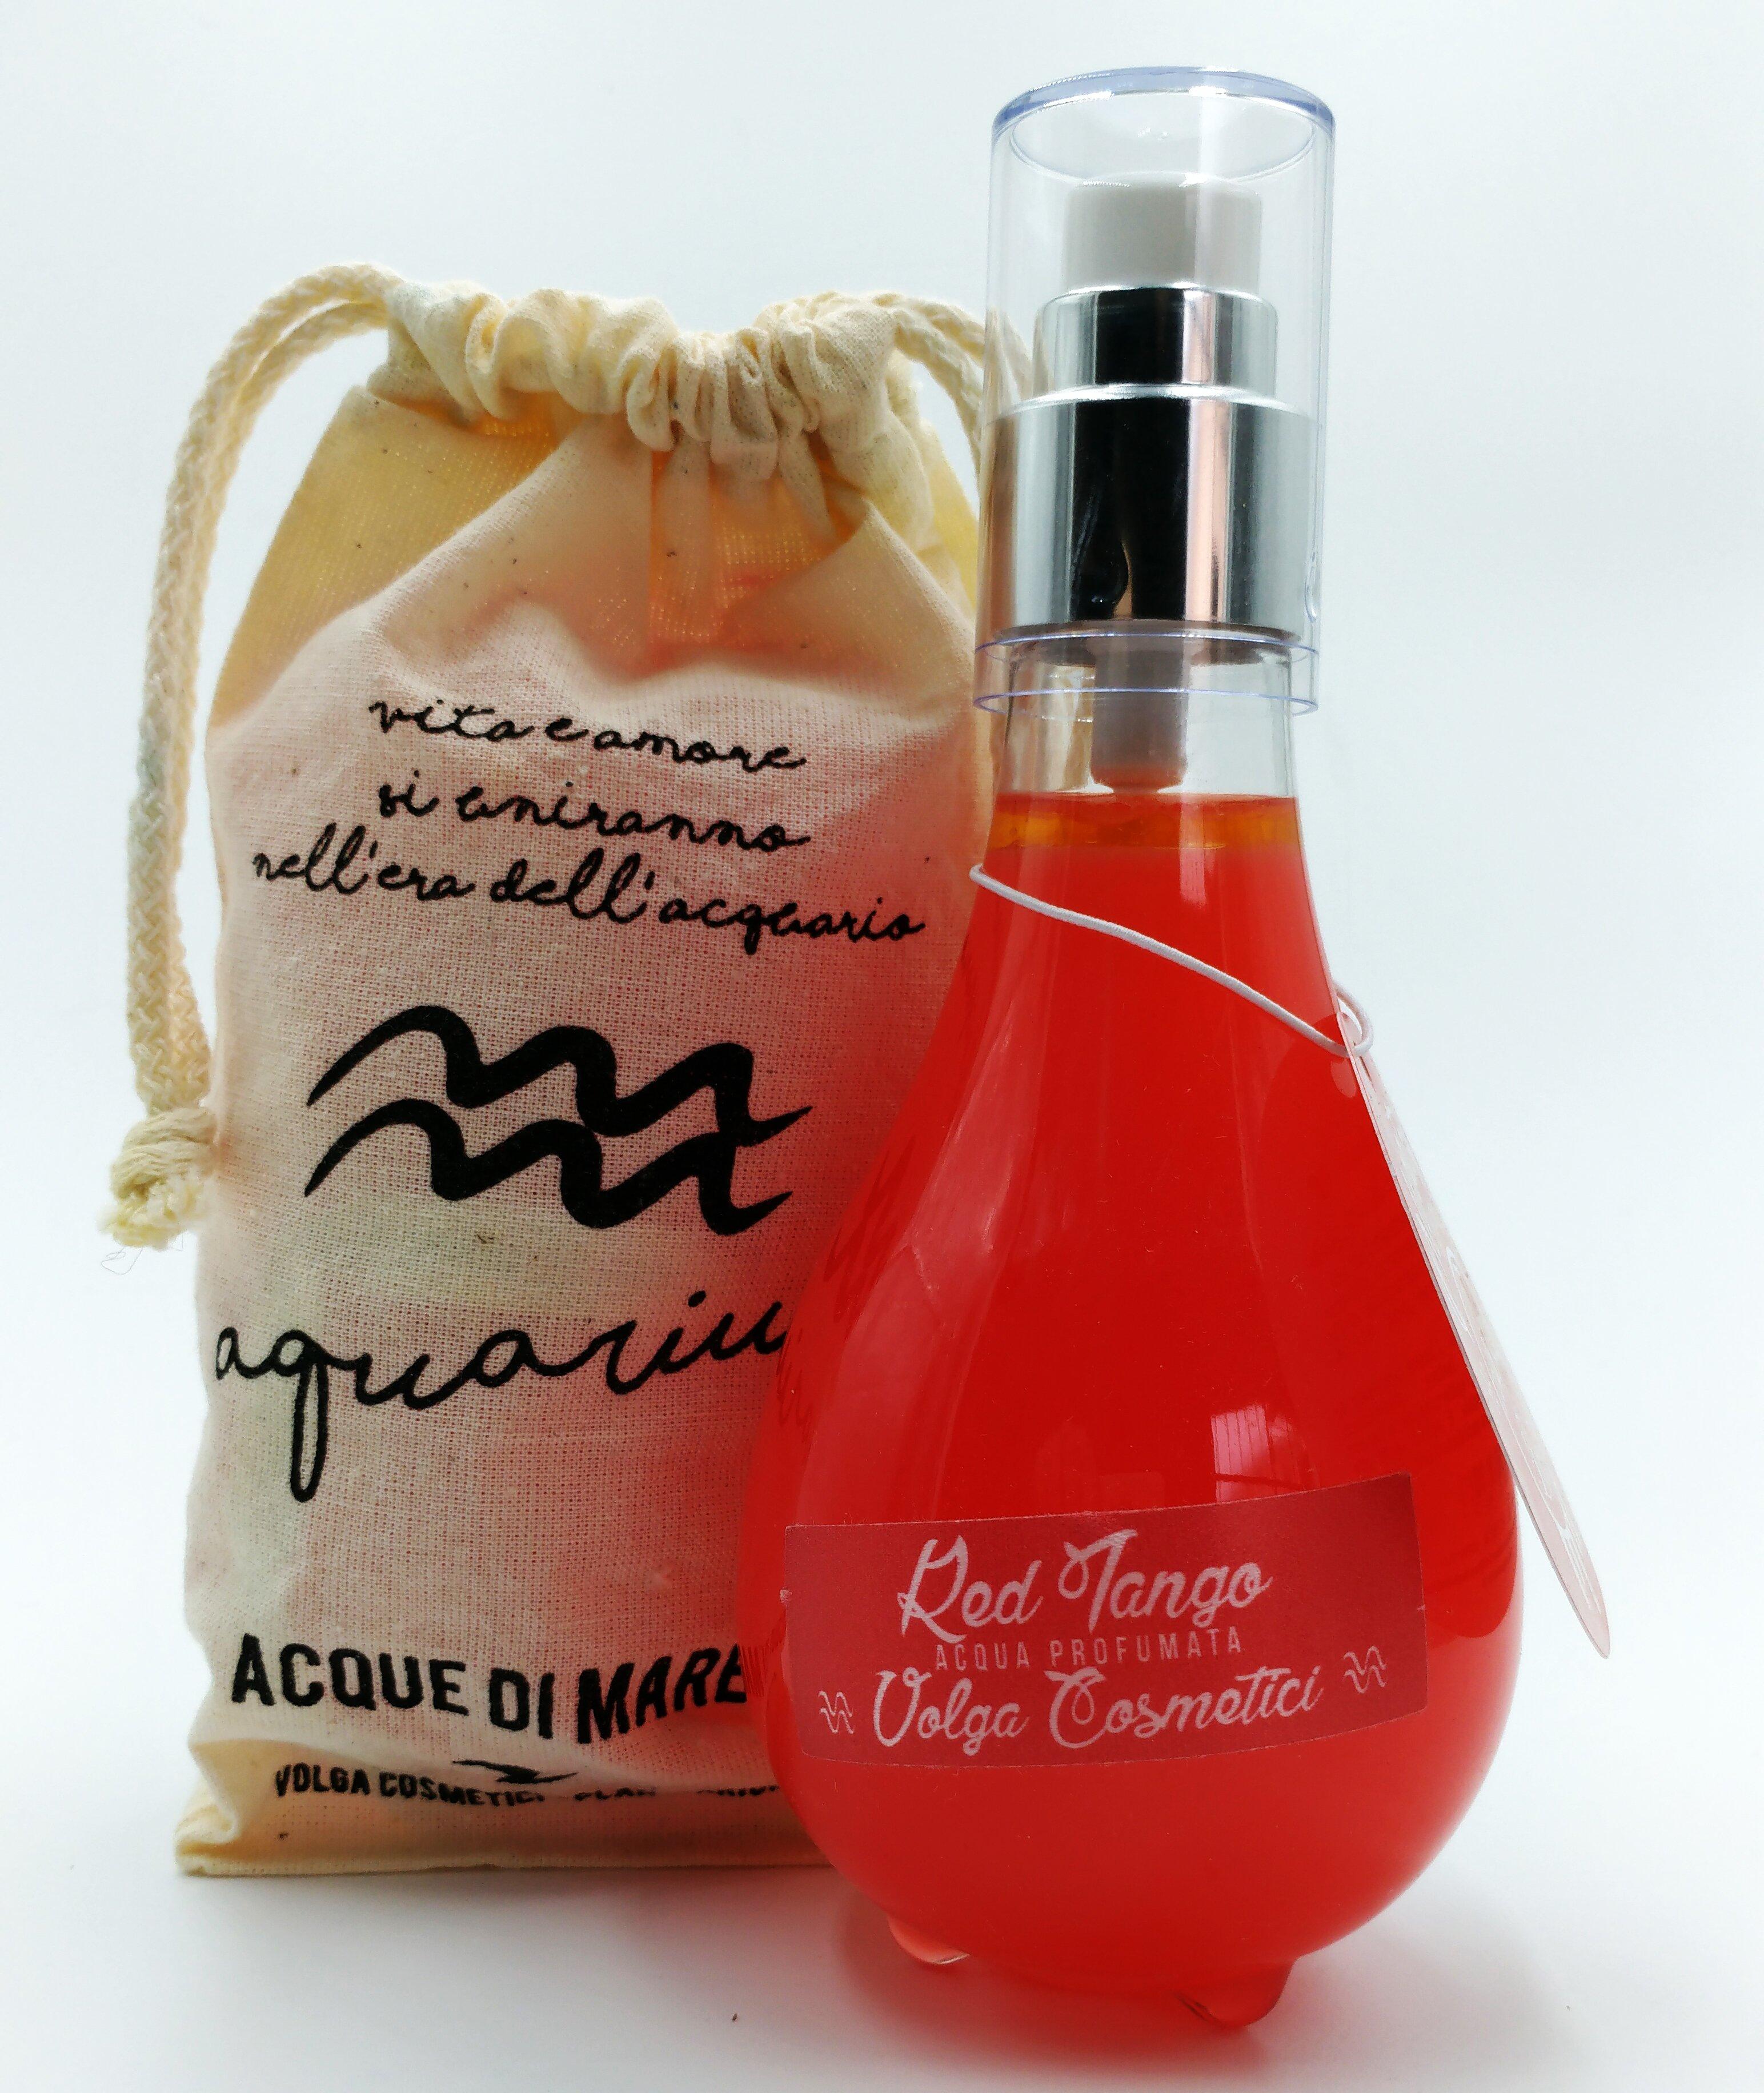 Acqua di Mare - Red Tango - Passione Latina - VOLGA COSMETICI